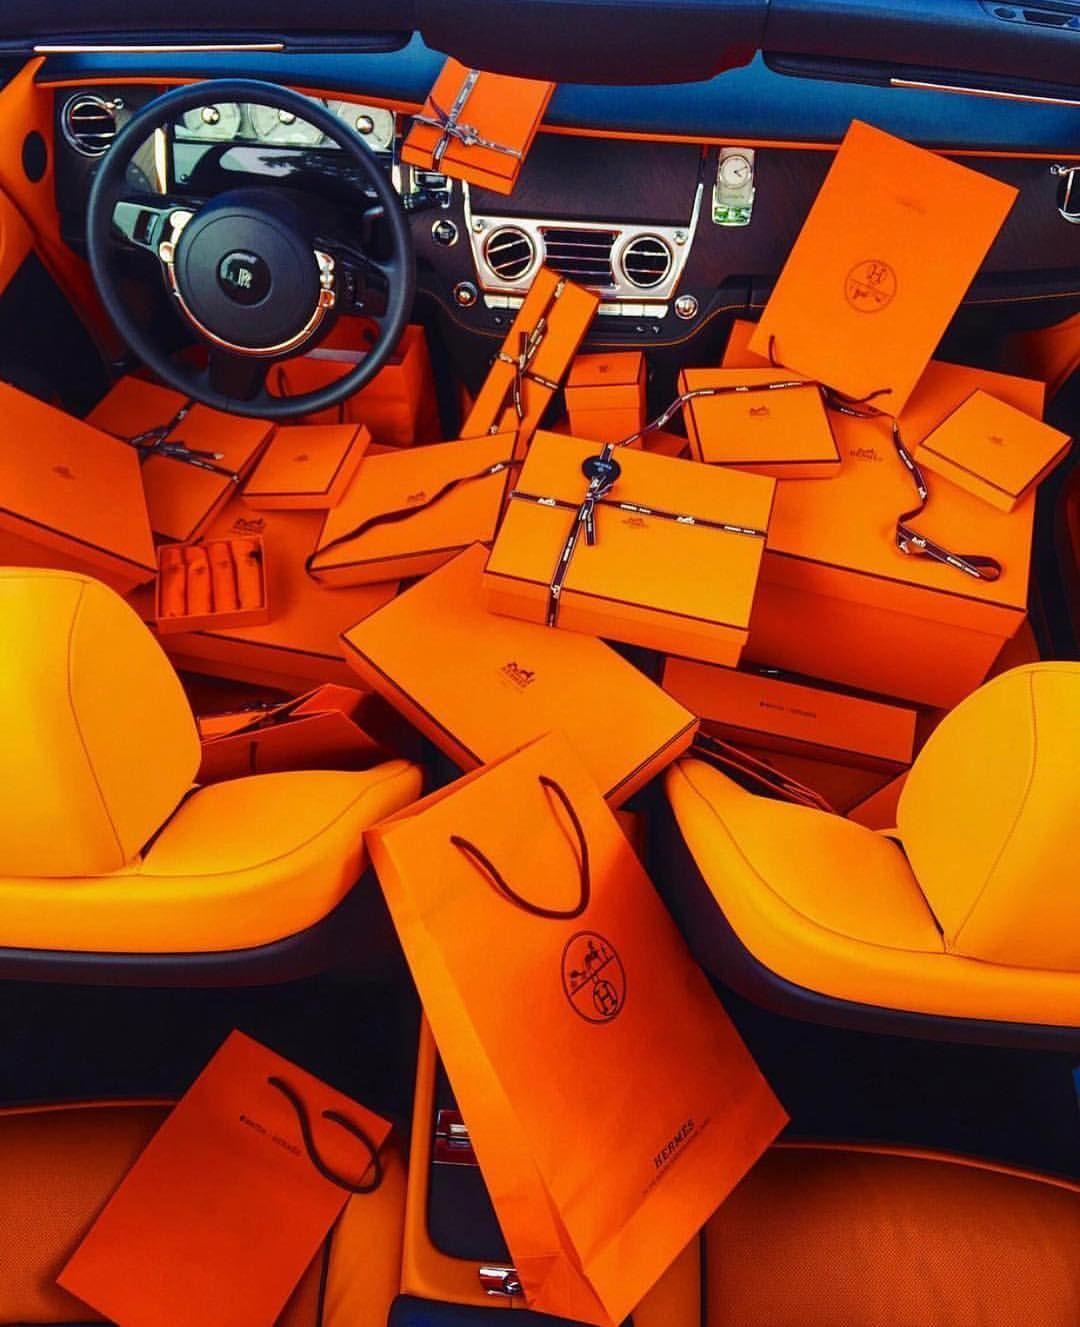 replica handbags, louis vuitton replica, chanel replica, dior bag replica, hermes replica, replica belts